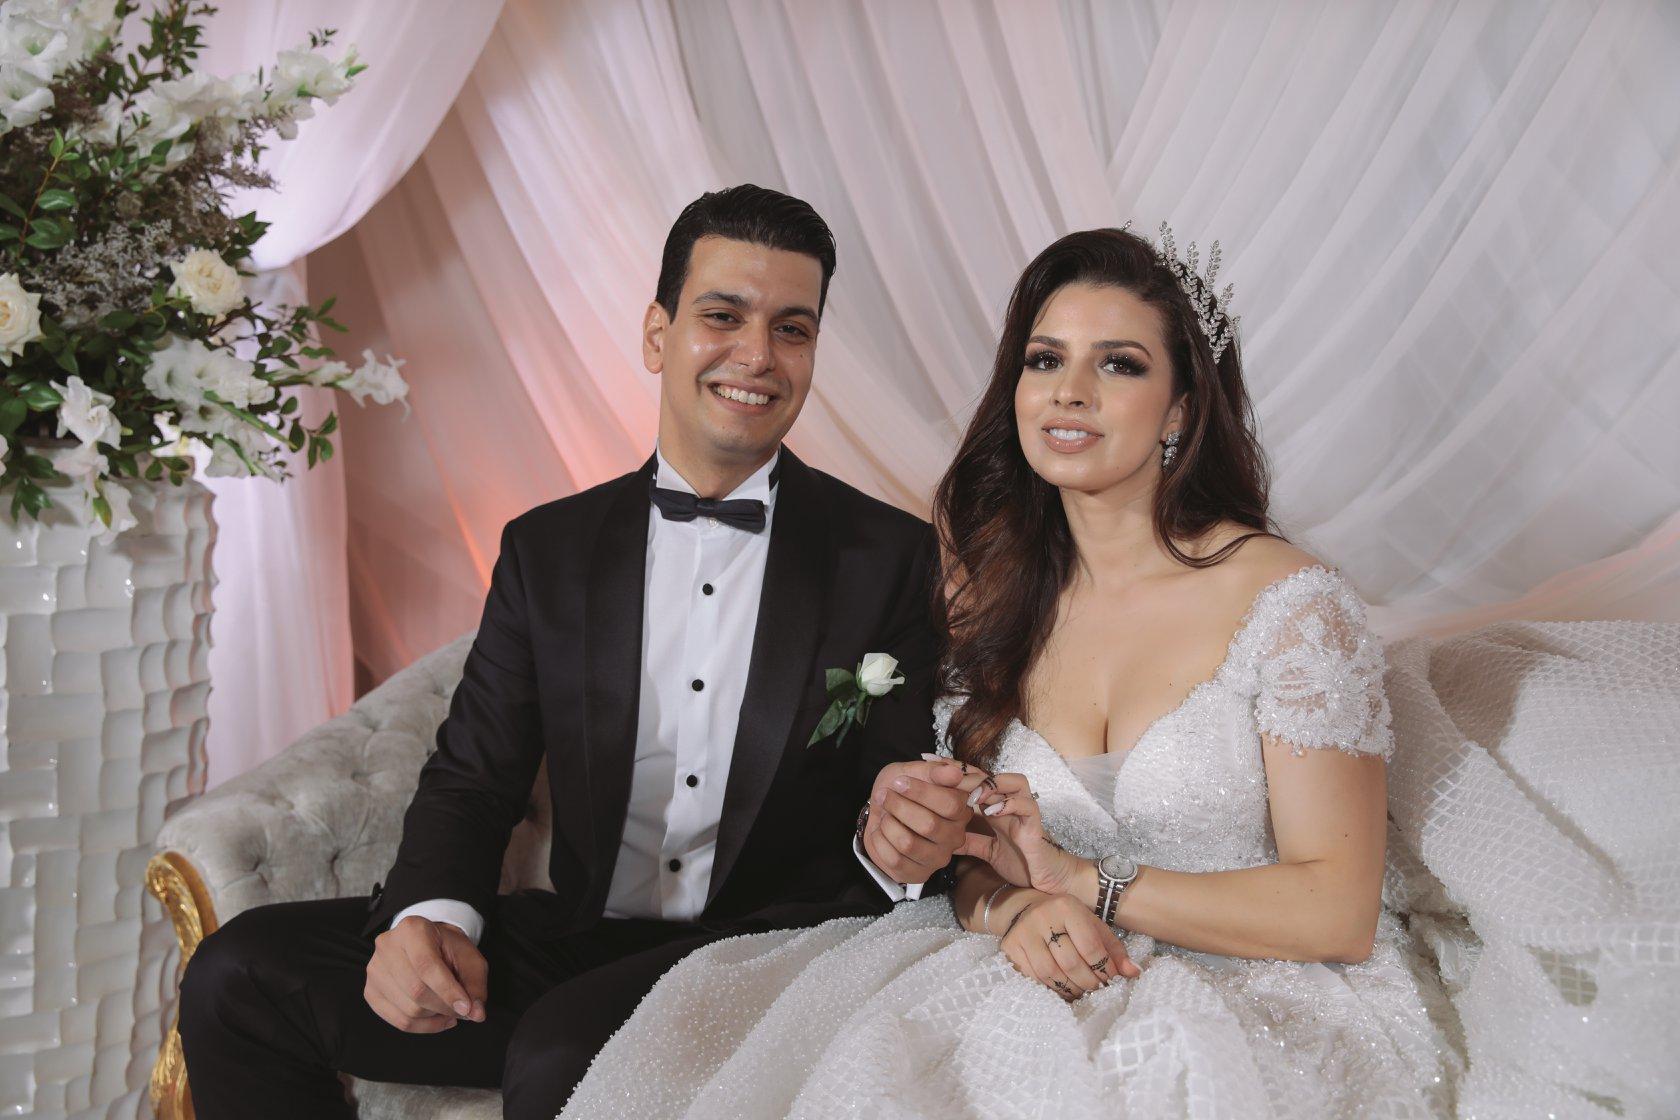 syrine29_plus_belles_mariées_tunisiennes_187_2019